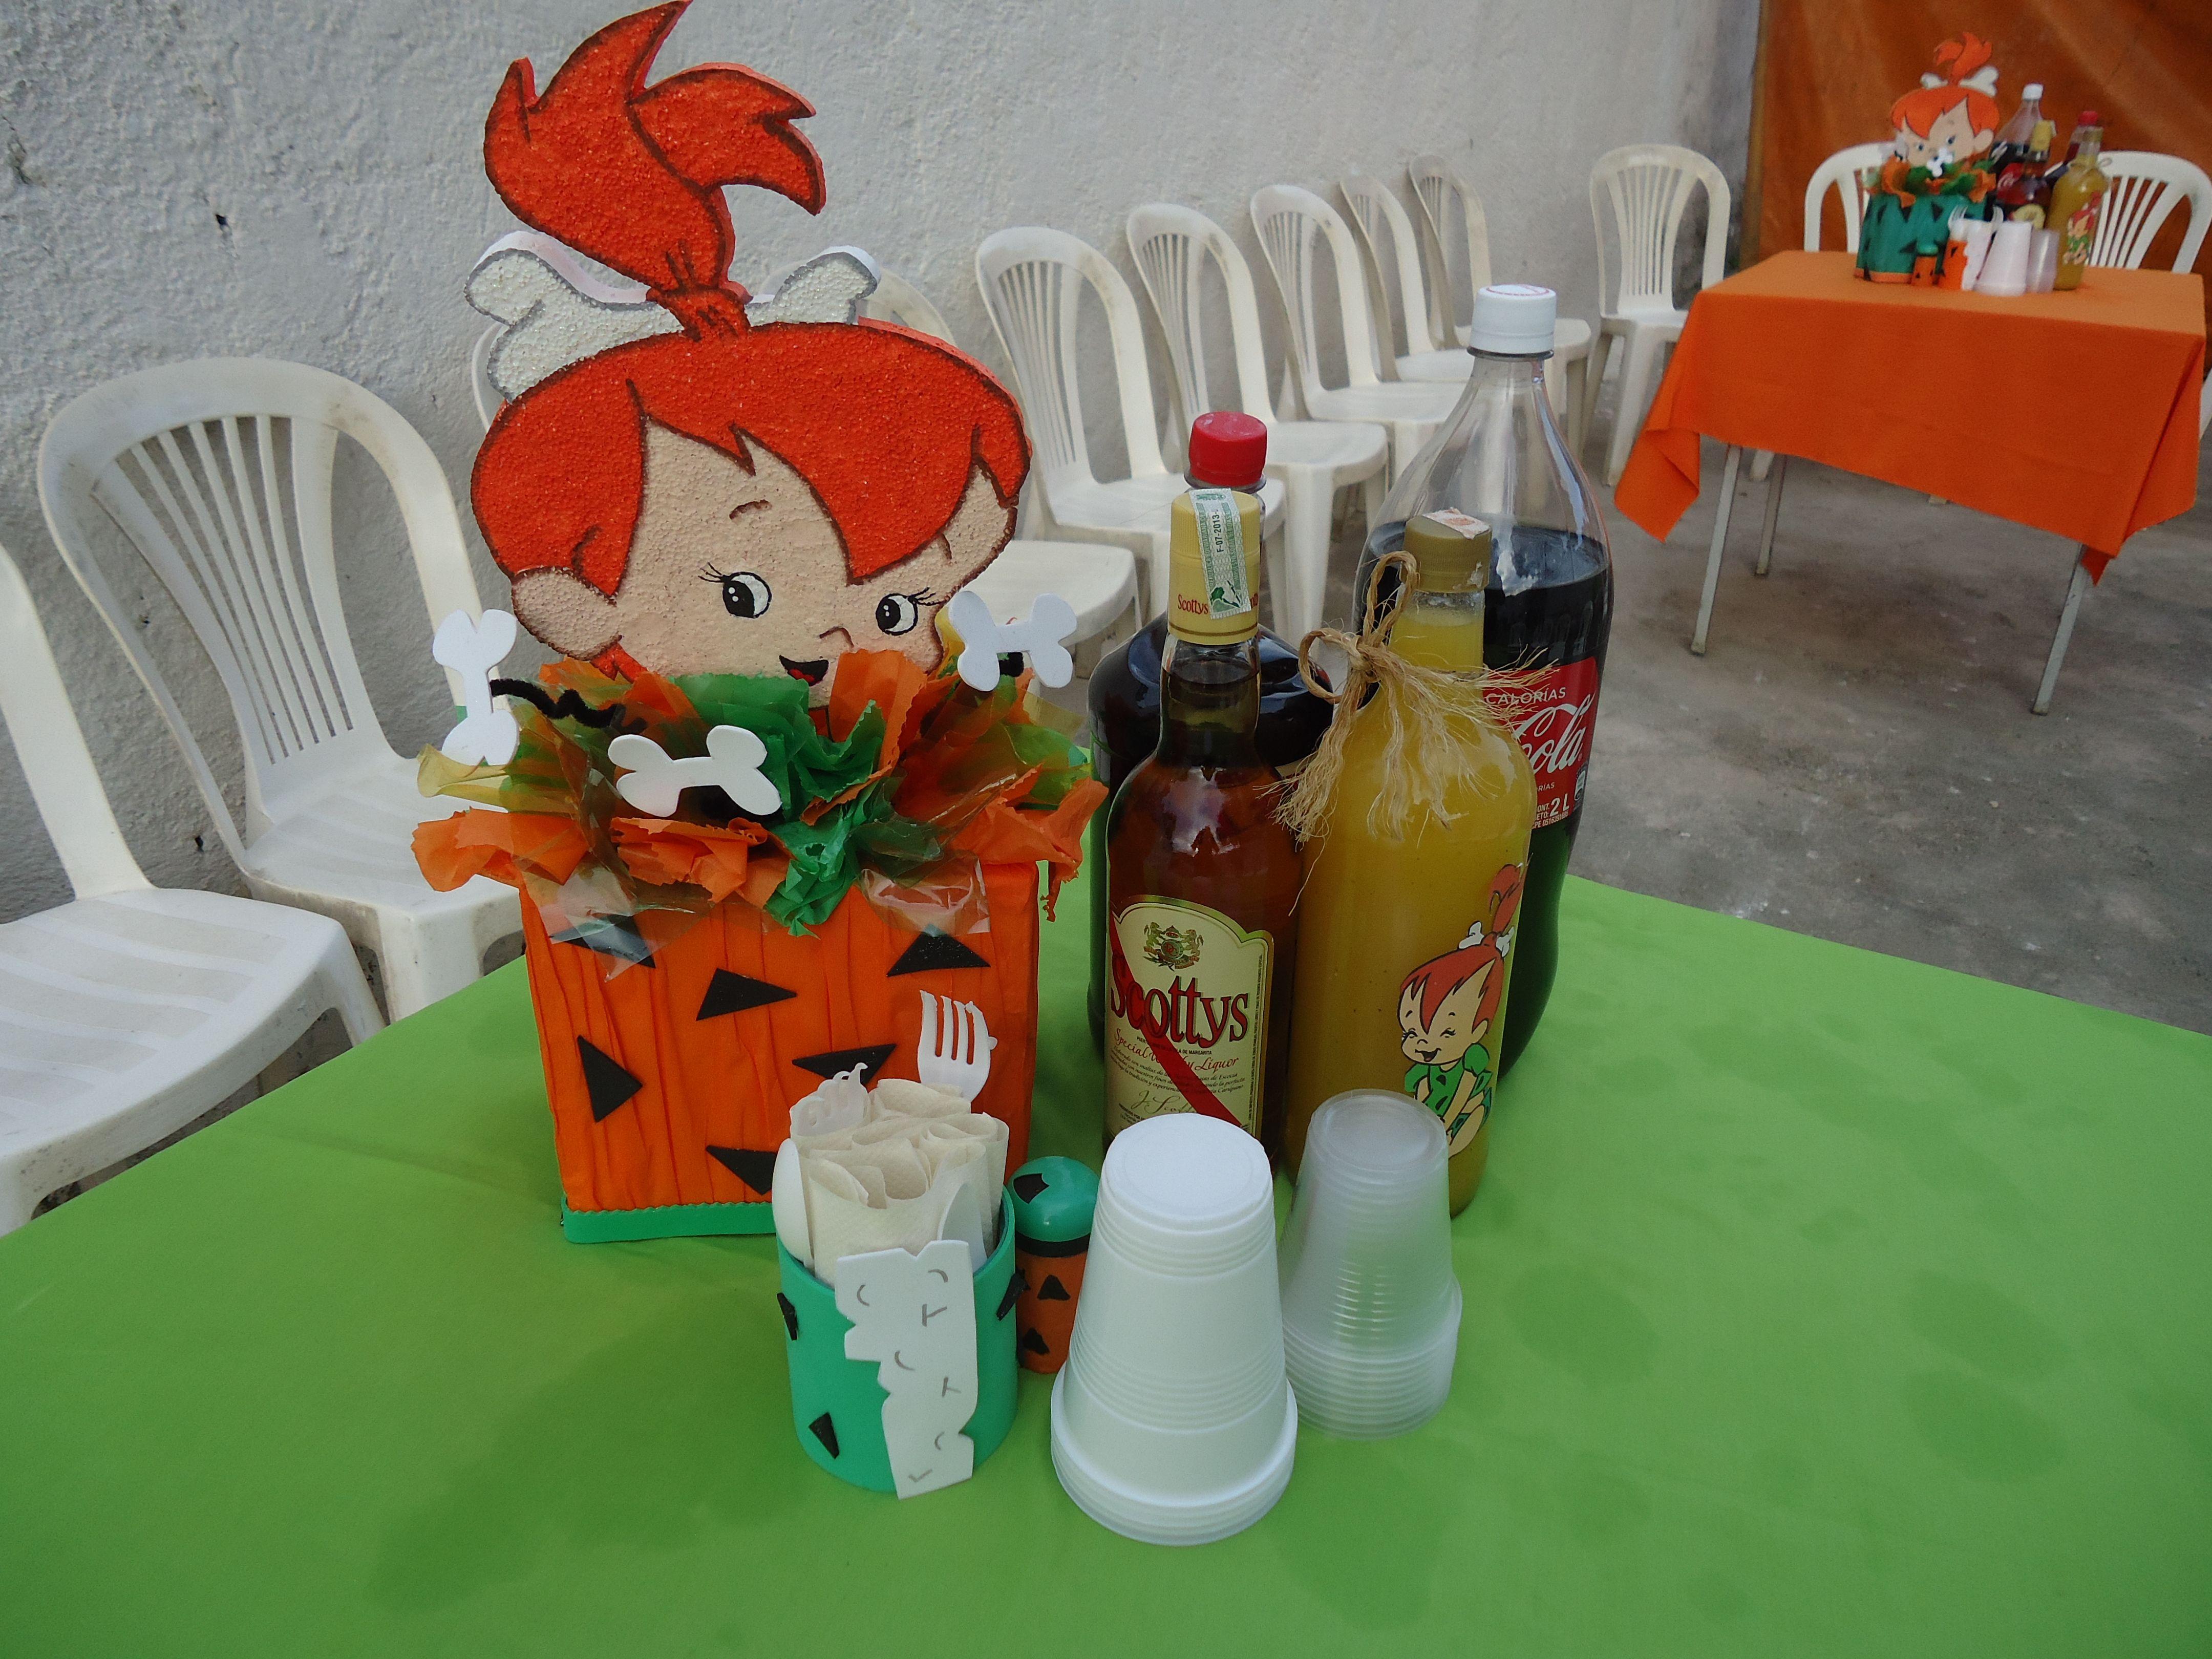 No dejes de celebrar el cumplea os de tu beb ideas para - Ideas decorativas para cumpleanos ...